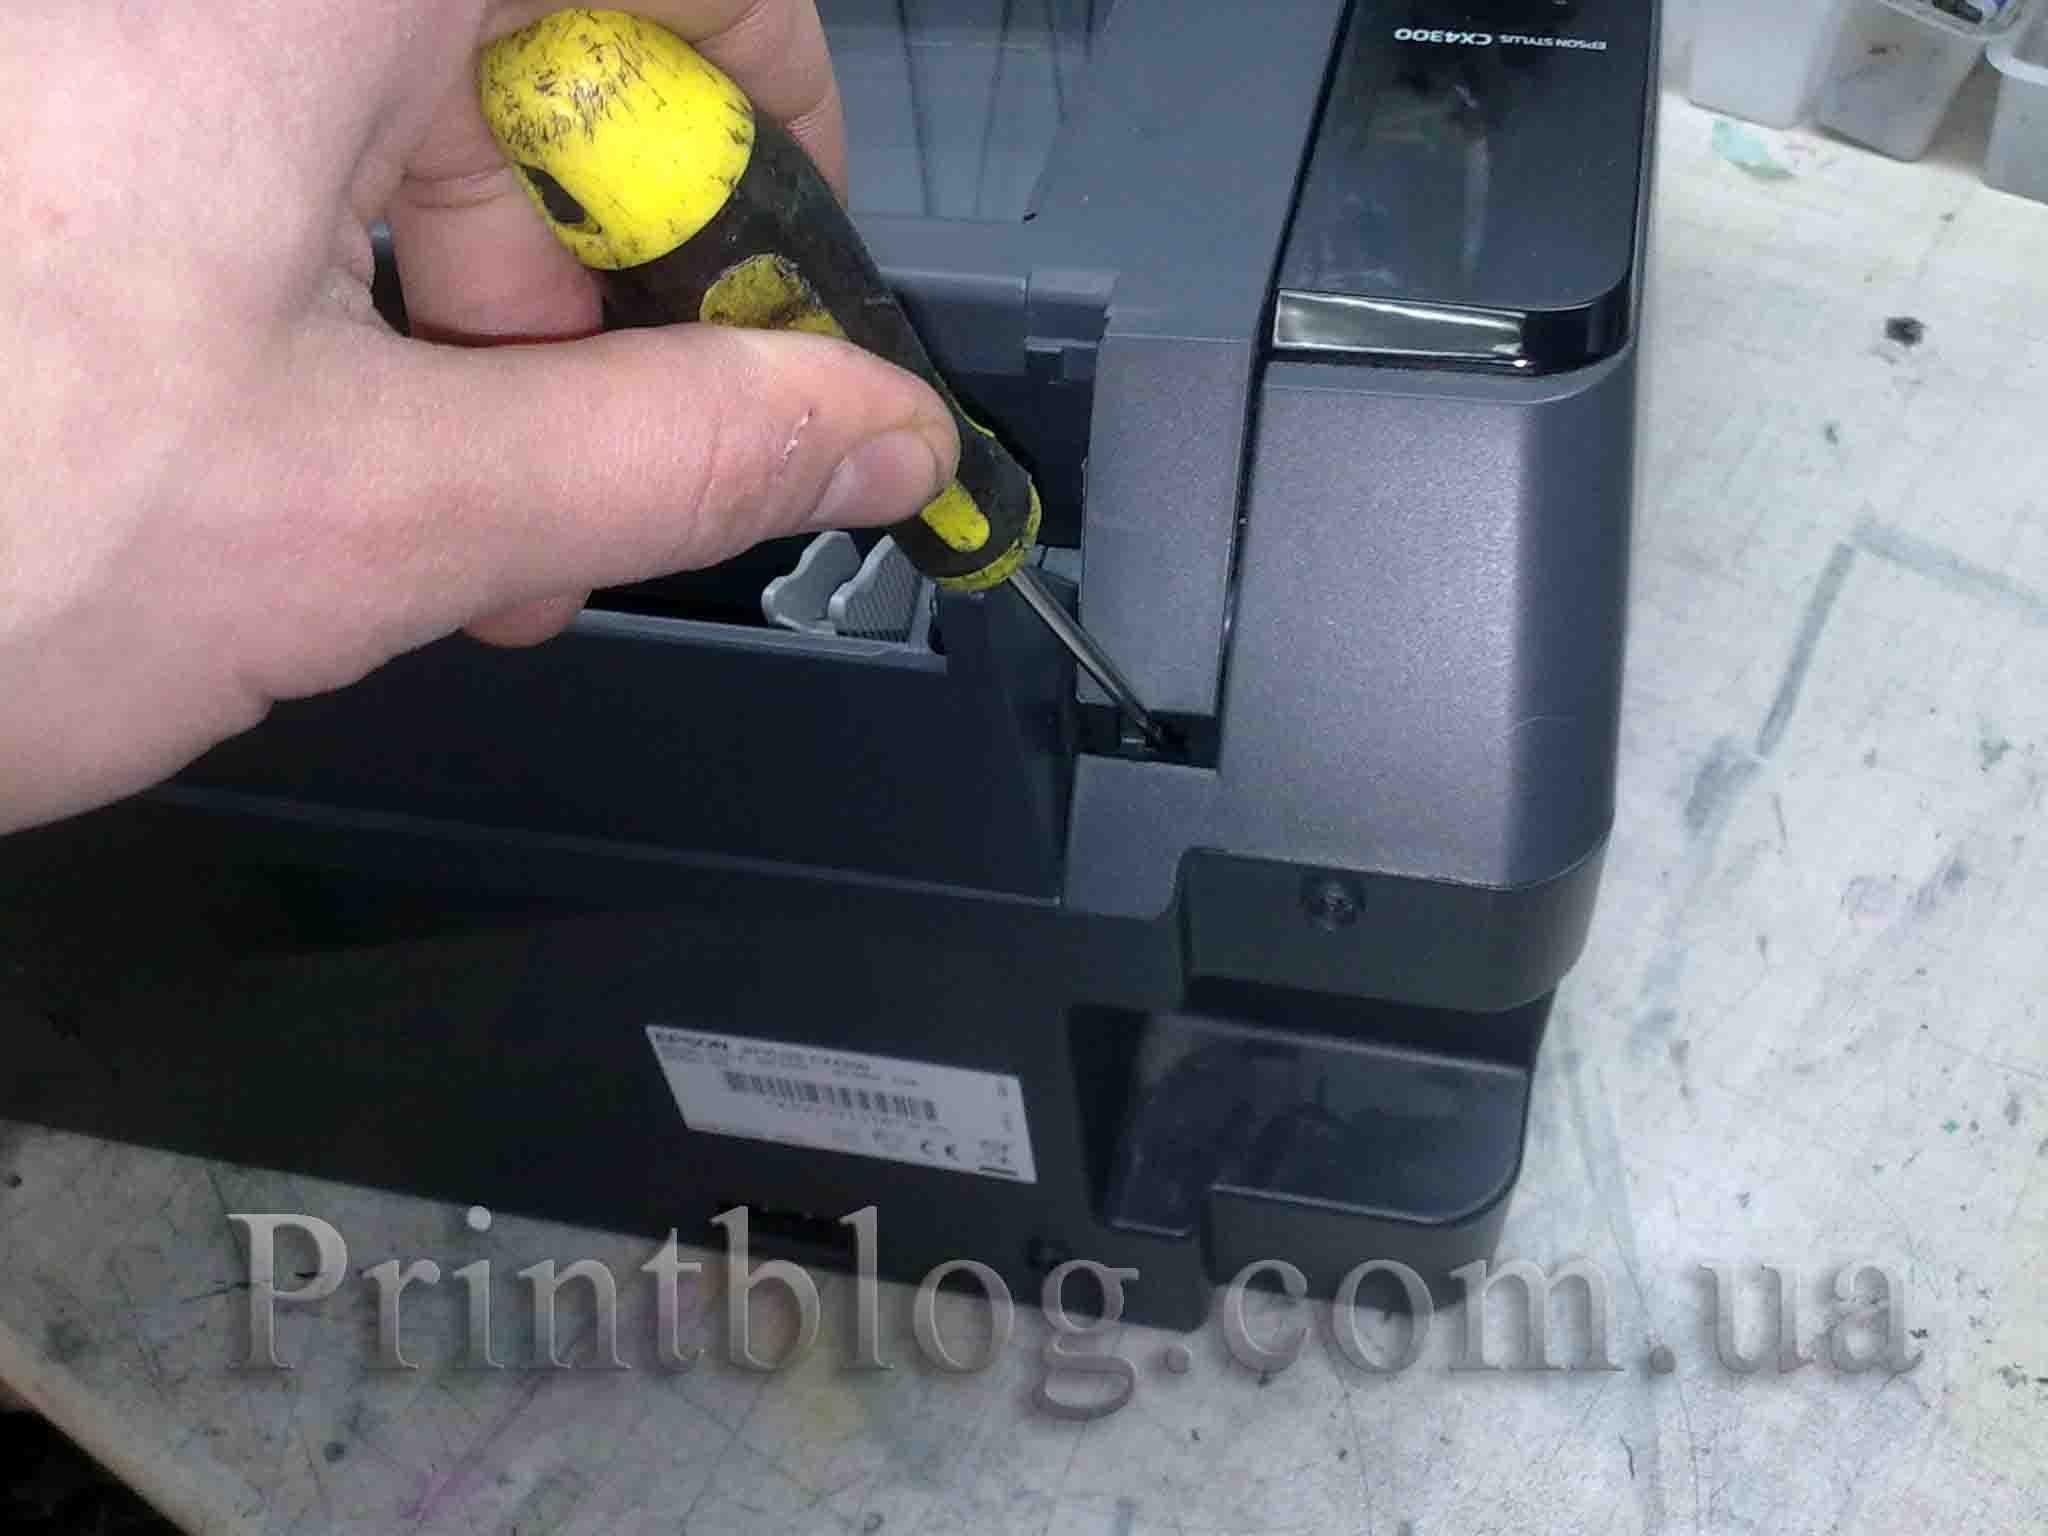 epson stylus cx4900 инструкция по разборке